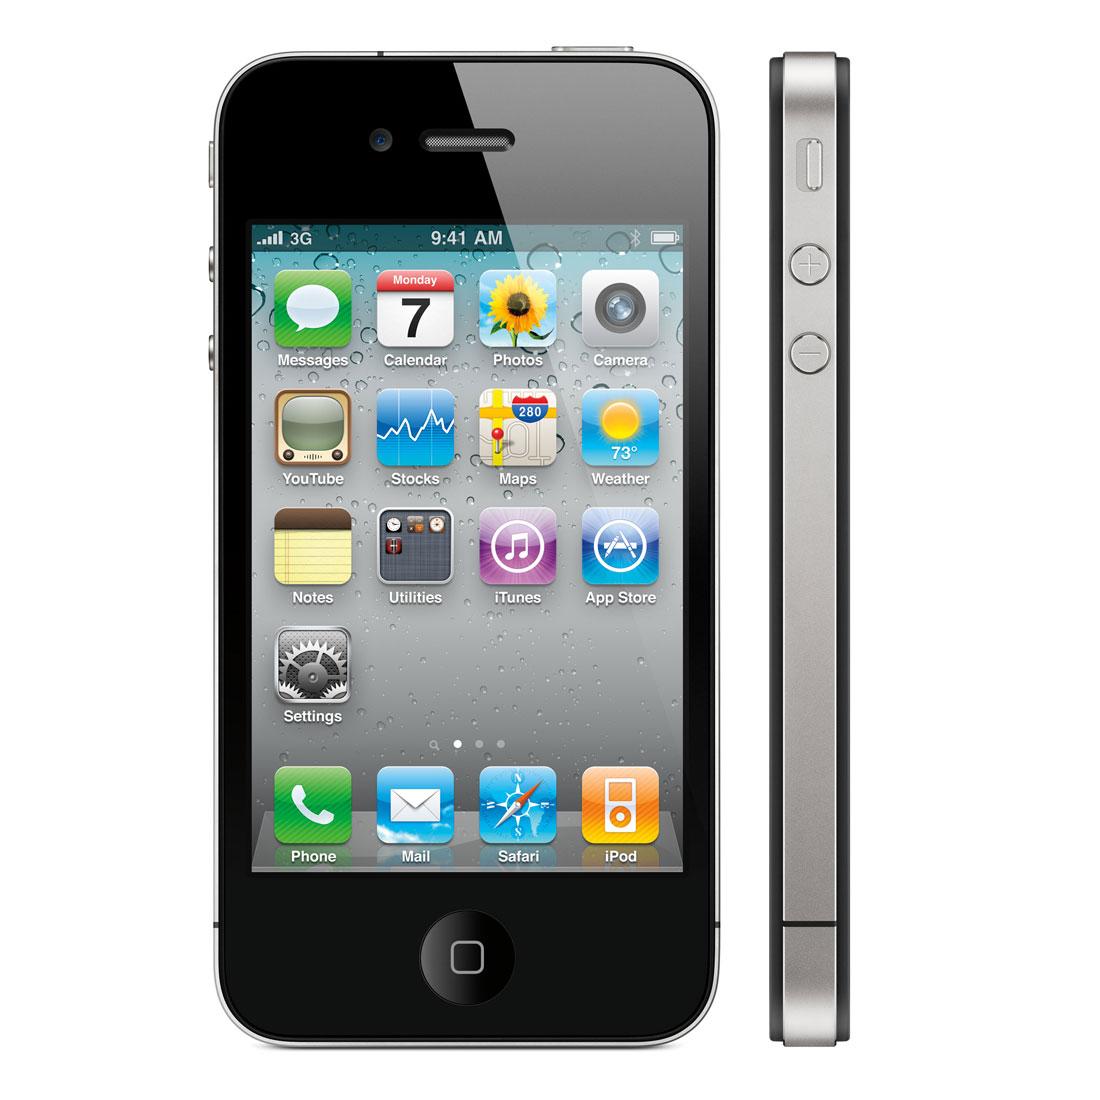 http://1.bp.blogspot.com/-1a3BmyneN-g/T5lisHbzZ_I/AAAAAAAAAOI/bjFdUh-1AdY/s1600/Apple-iPhone%2B4-113-1.jpg